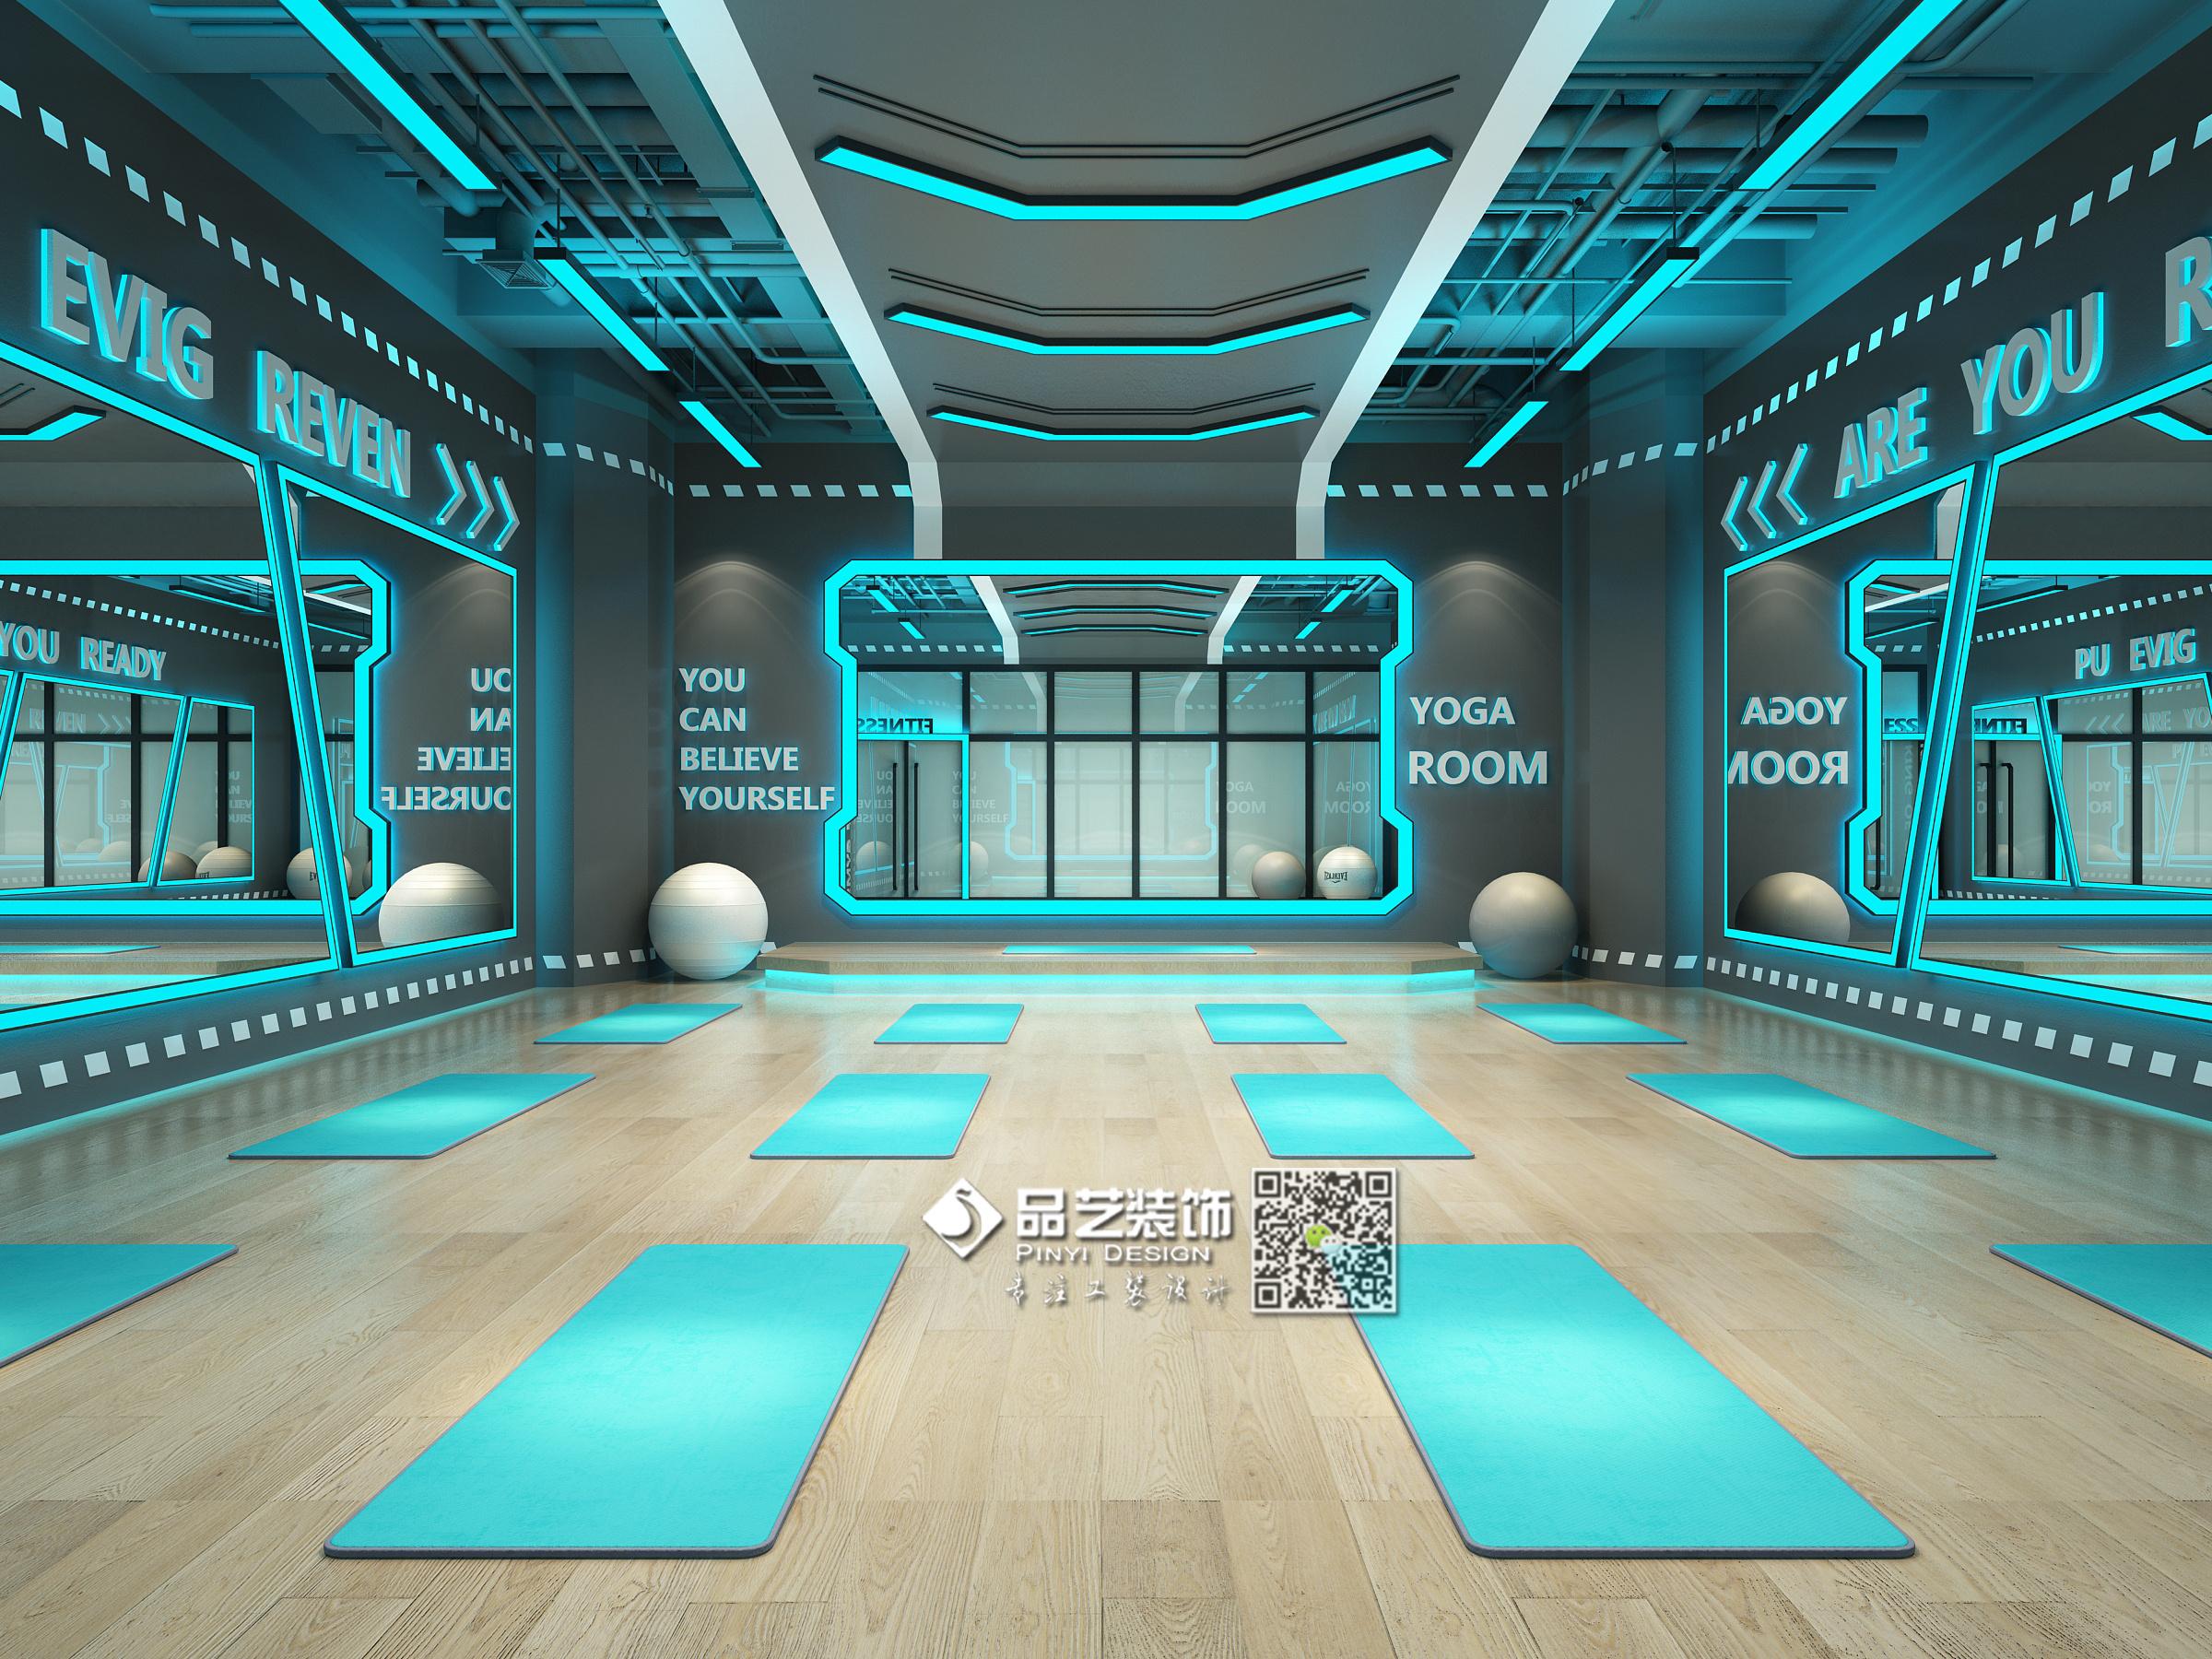 广州健身房_科技工业风健身房装修设计拳击馆设计|空间|室内设计|品艺装饰 ...